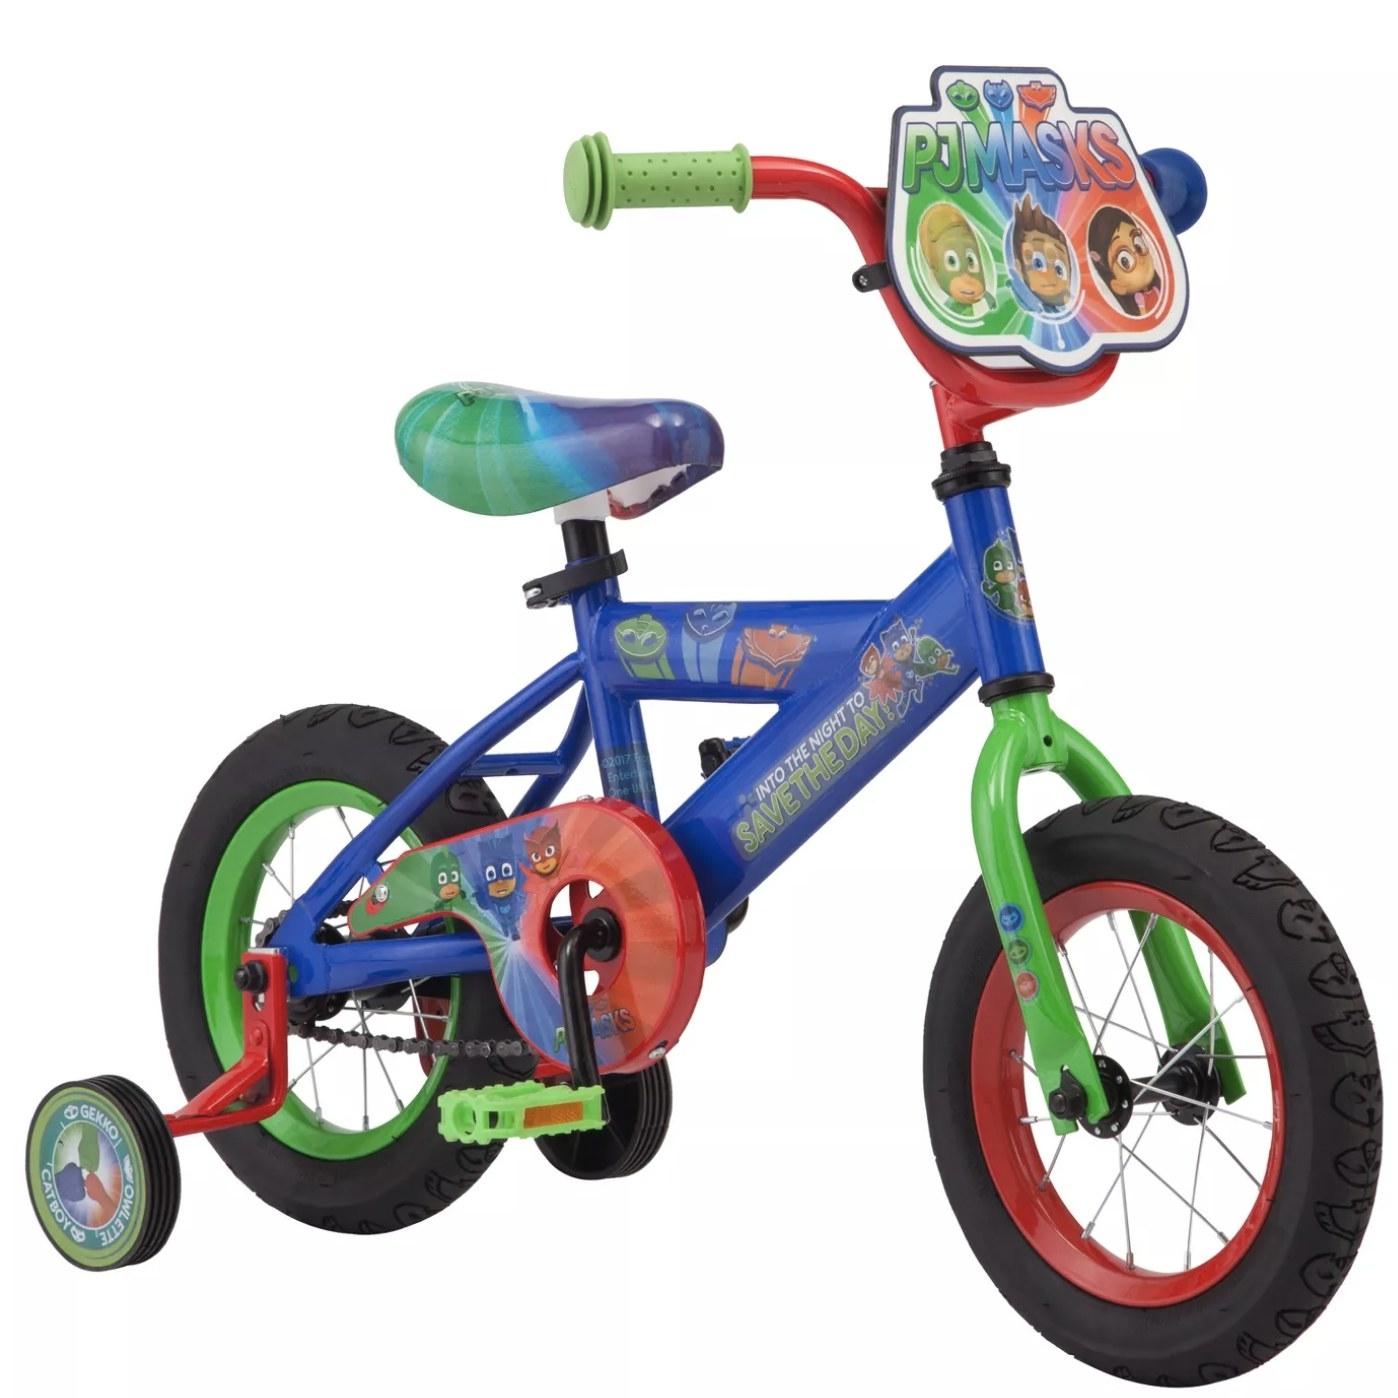 The kid's bike